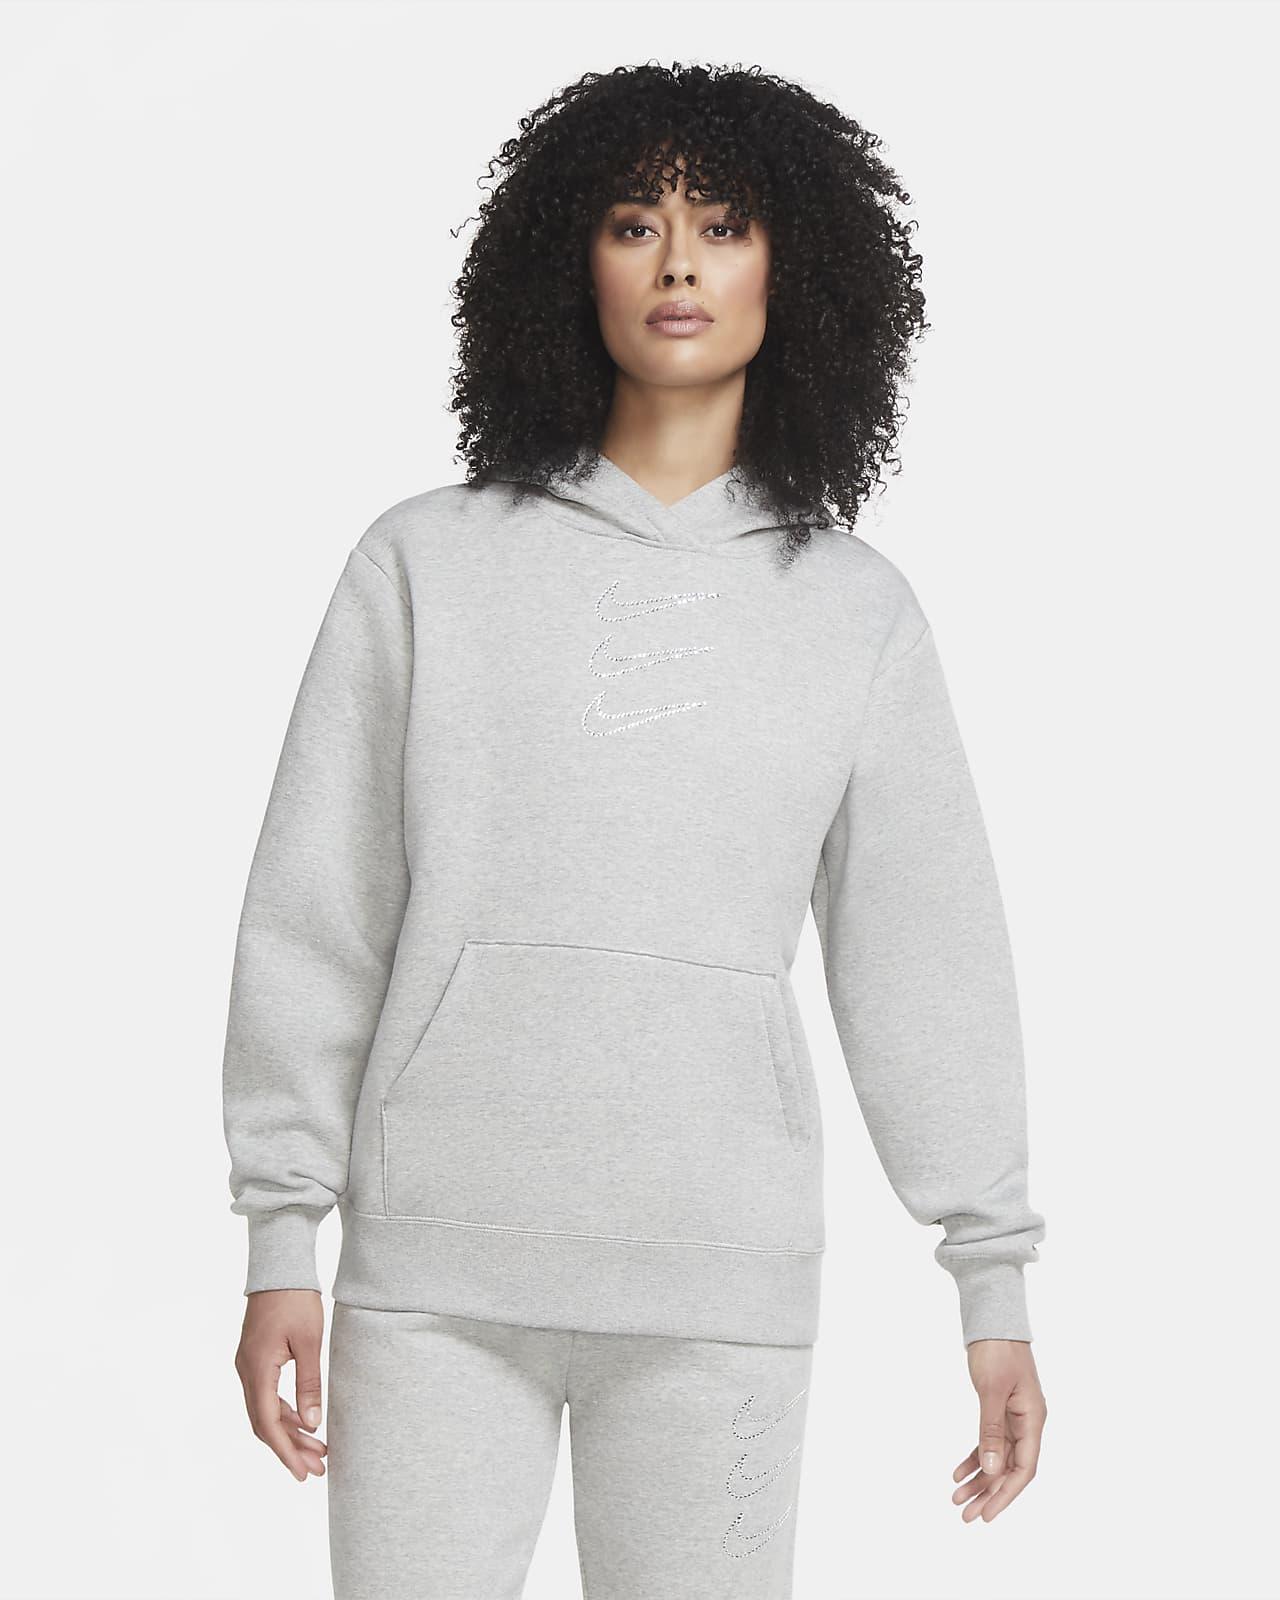 Huvtröja med strassdetaljer Nike Sportswear för kvinnor